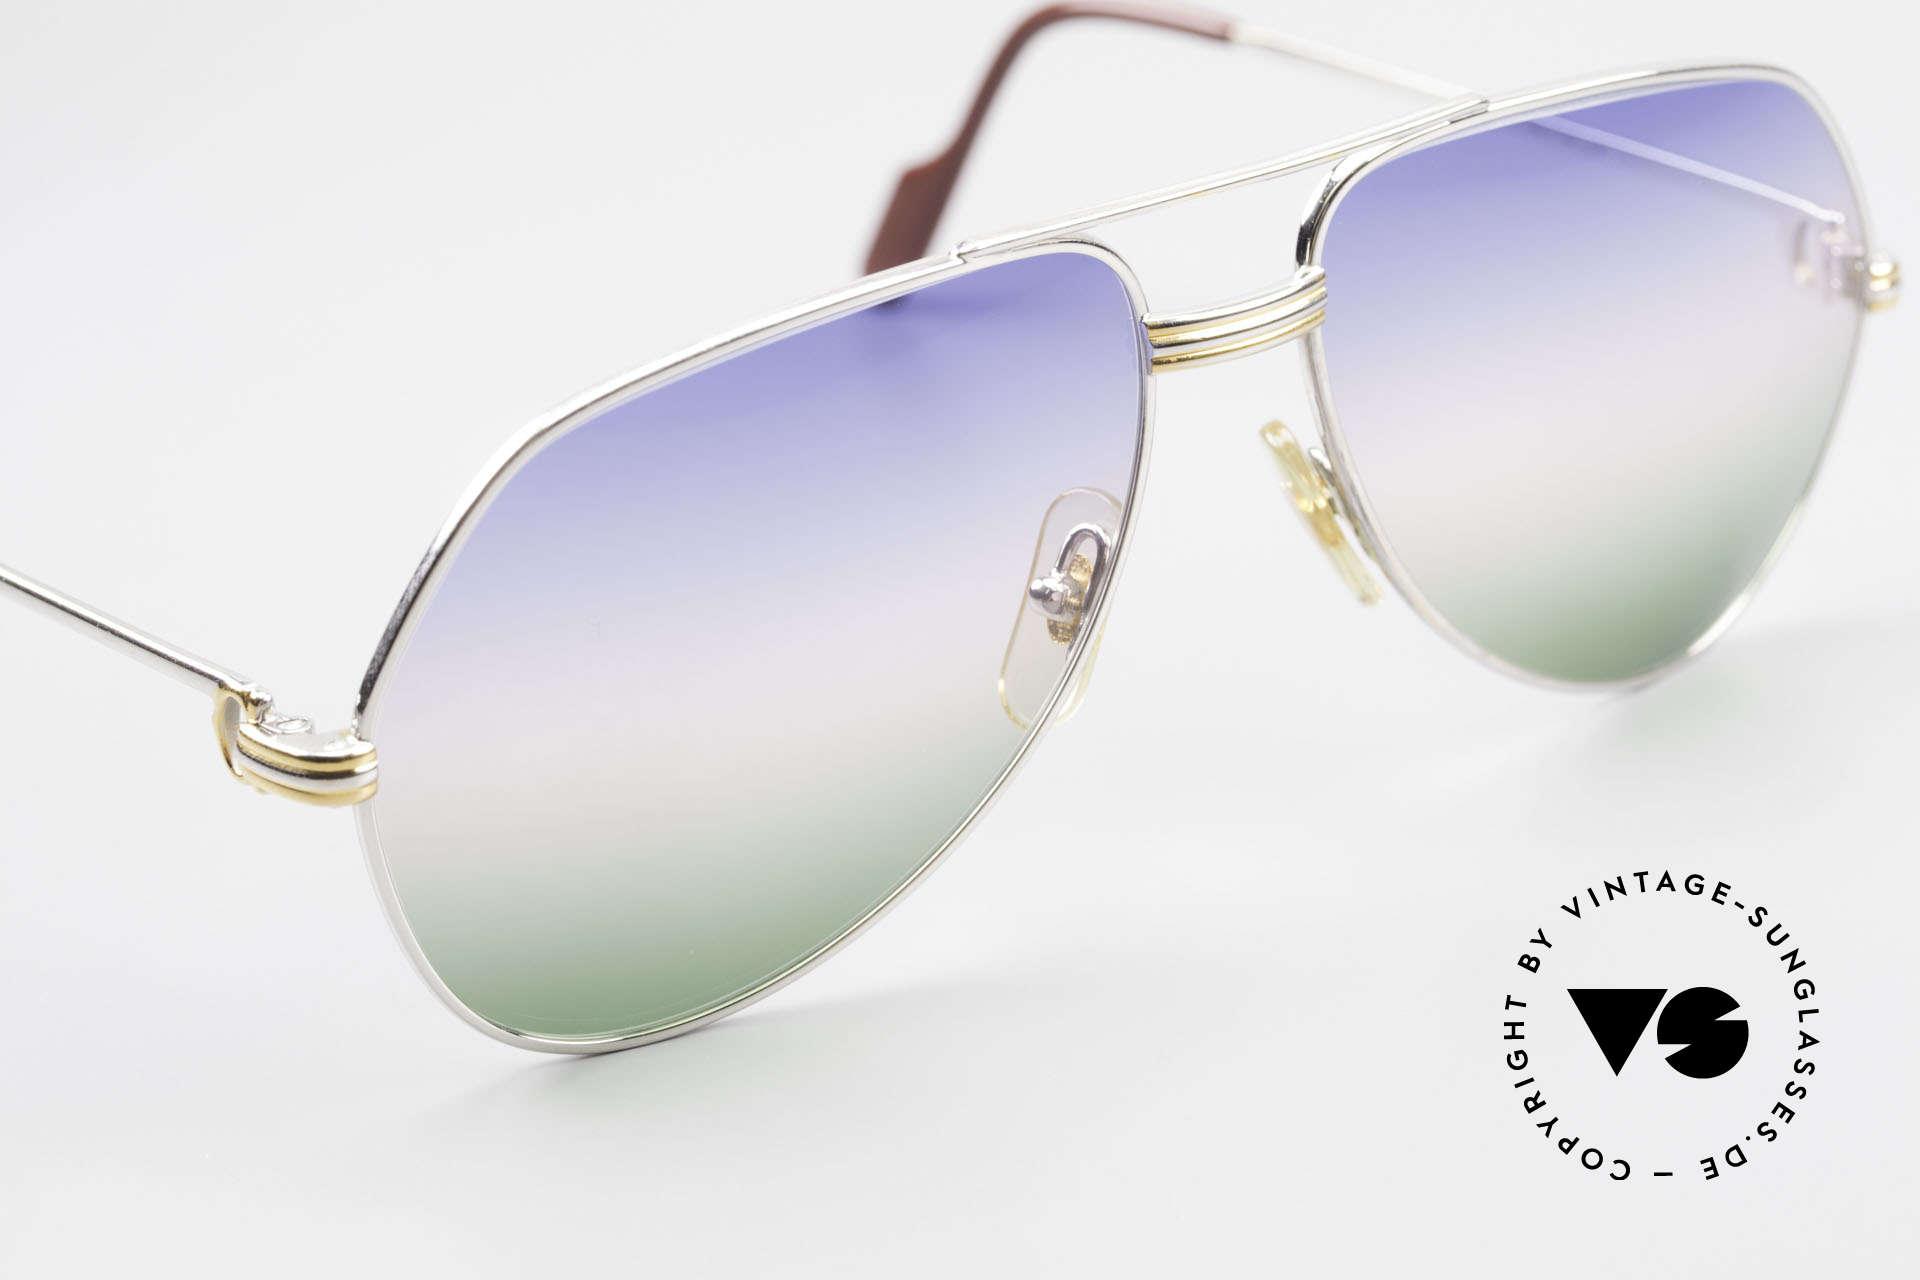 Cartier Vendome LC - M Platin 80er Brille Aviator, 2. hand Modell im neuwertigen Zustand mit Cartier Box, Passend für Herren